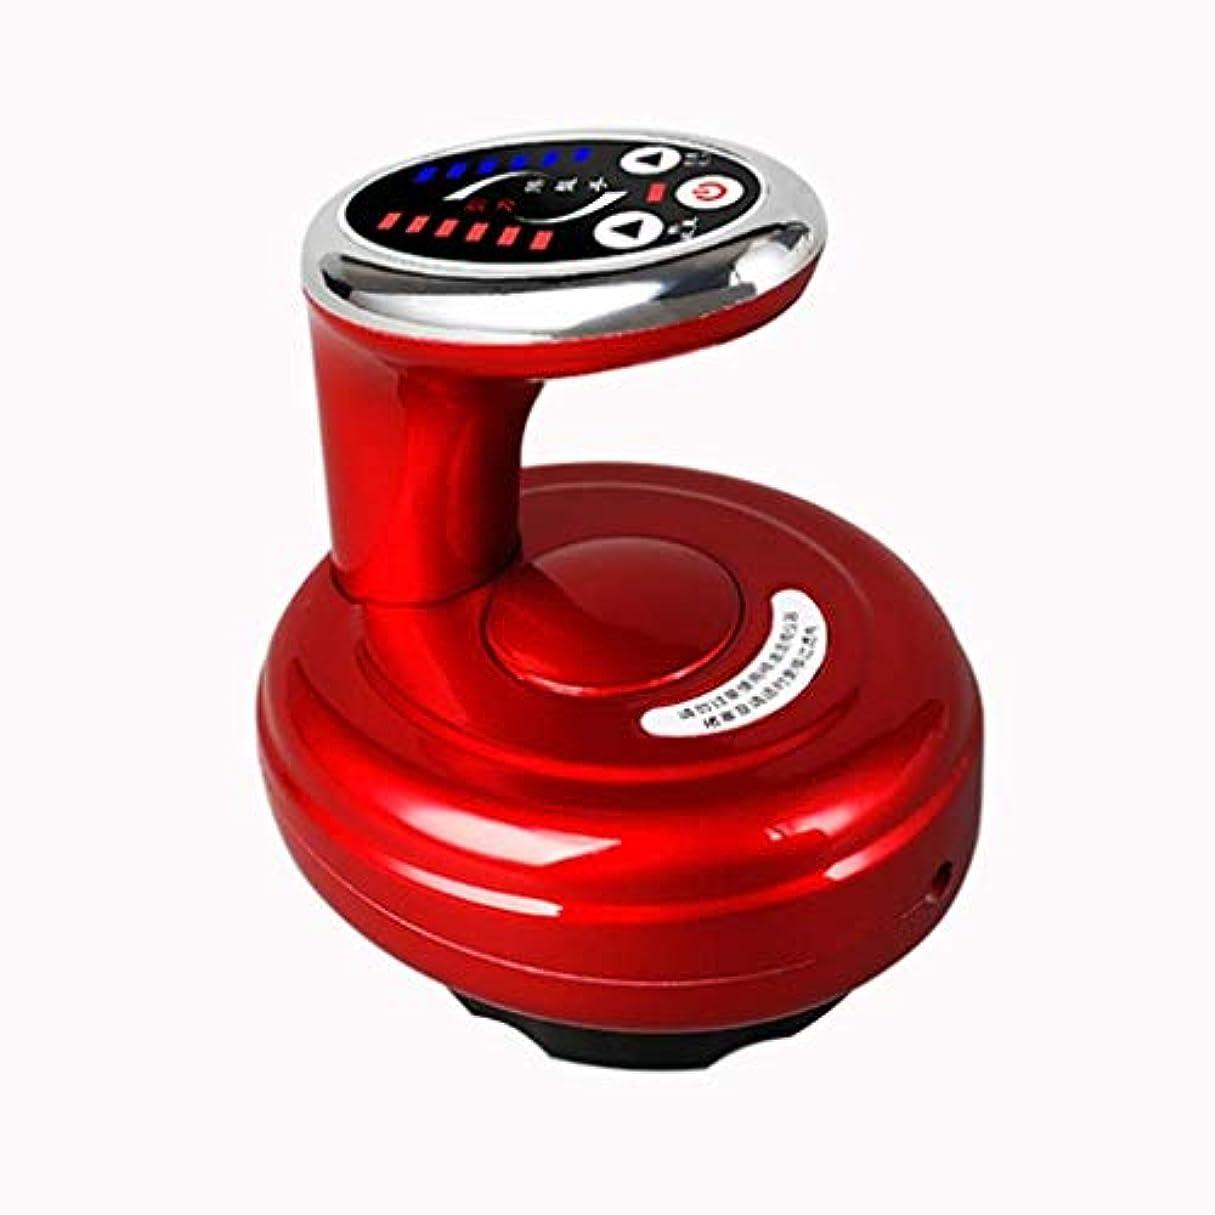 セラー値するアイザック電気スクレーピングマッサージ器、スクレーピング器具、スクレーピングカッピングマッサージ機、ネックマッサージャーソフトティッシュマッサージヘルスケアデバイス (Color : Red)